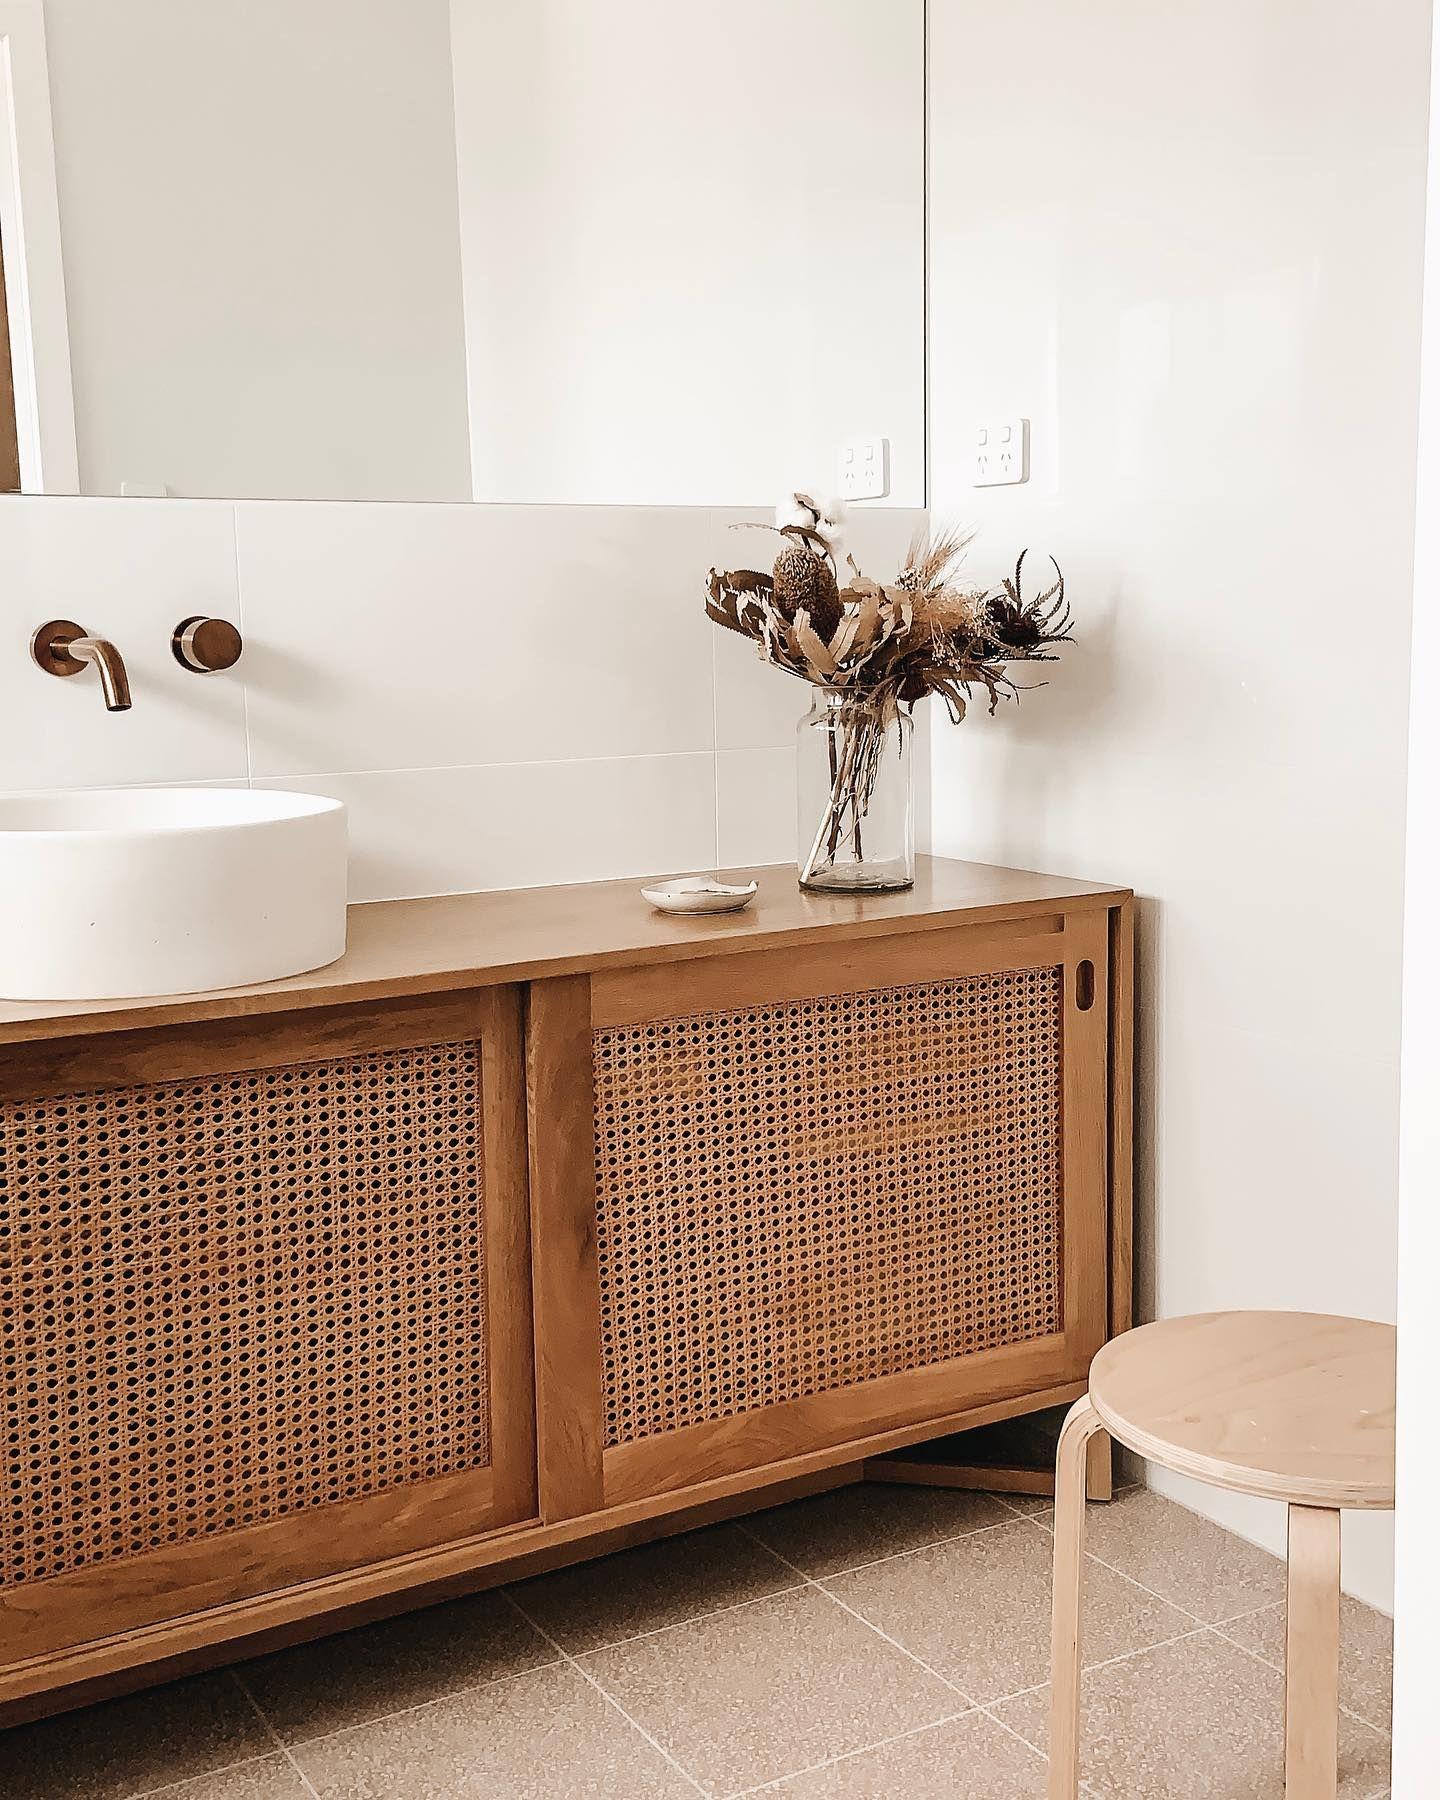 Raffles Buffet Honey In 2020 Bathroom Interior Bathroom Interior Design Bathroom Decor